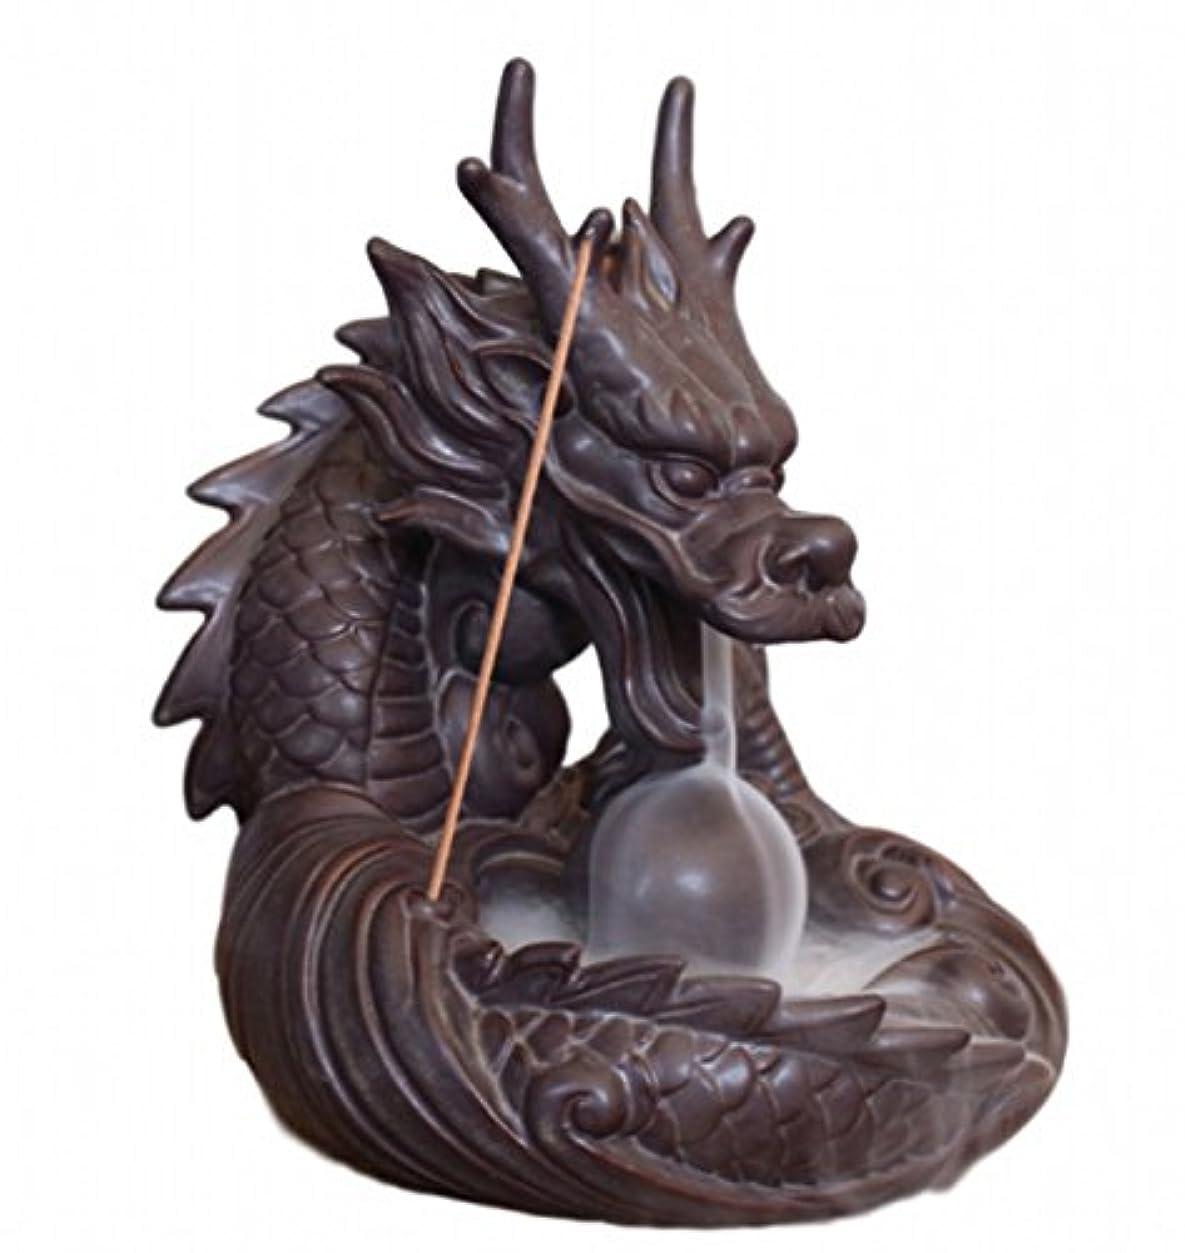 編集する投資馬力【Rurumiマーケット】不思議なお香 倒流香 用 香炉 ドラゴン お試しお香付き 流川香 陶器製 (ドラゴンB)